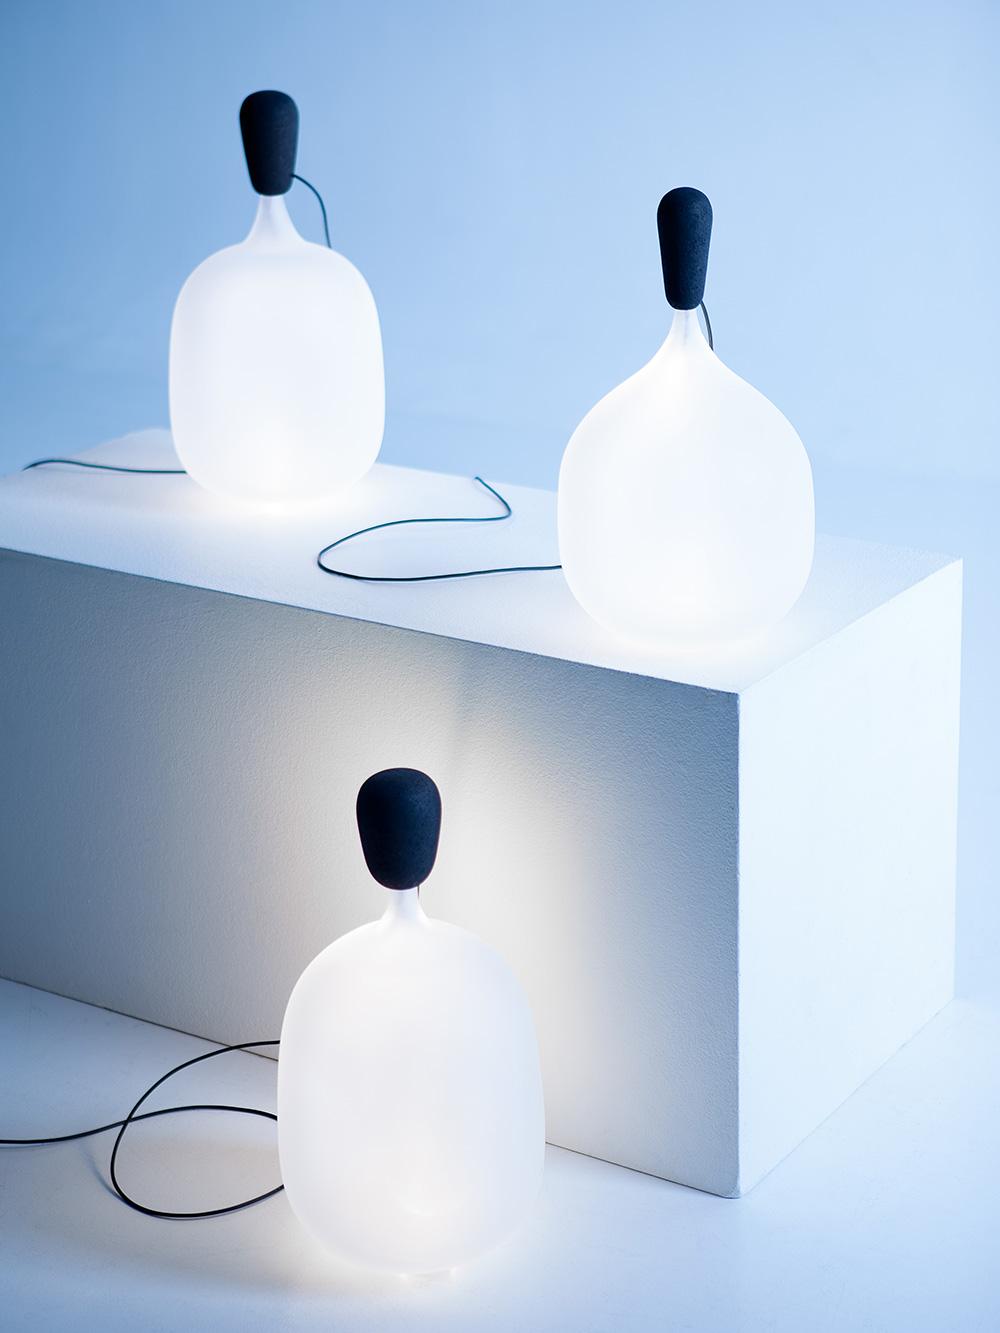 Henki, מנורת השולחן מזכוכית חלבית, מזכירה להייקילה את האווירה המיסטית השורה בסיפורי המיתולוגיות המסורתיים. צילום: Aleksi Tikkala